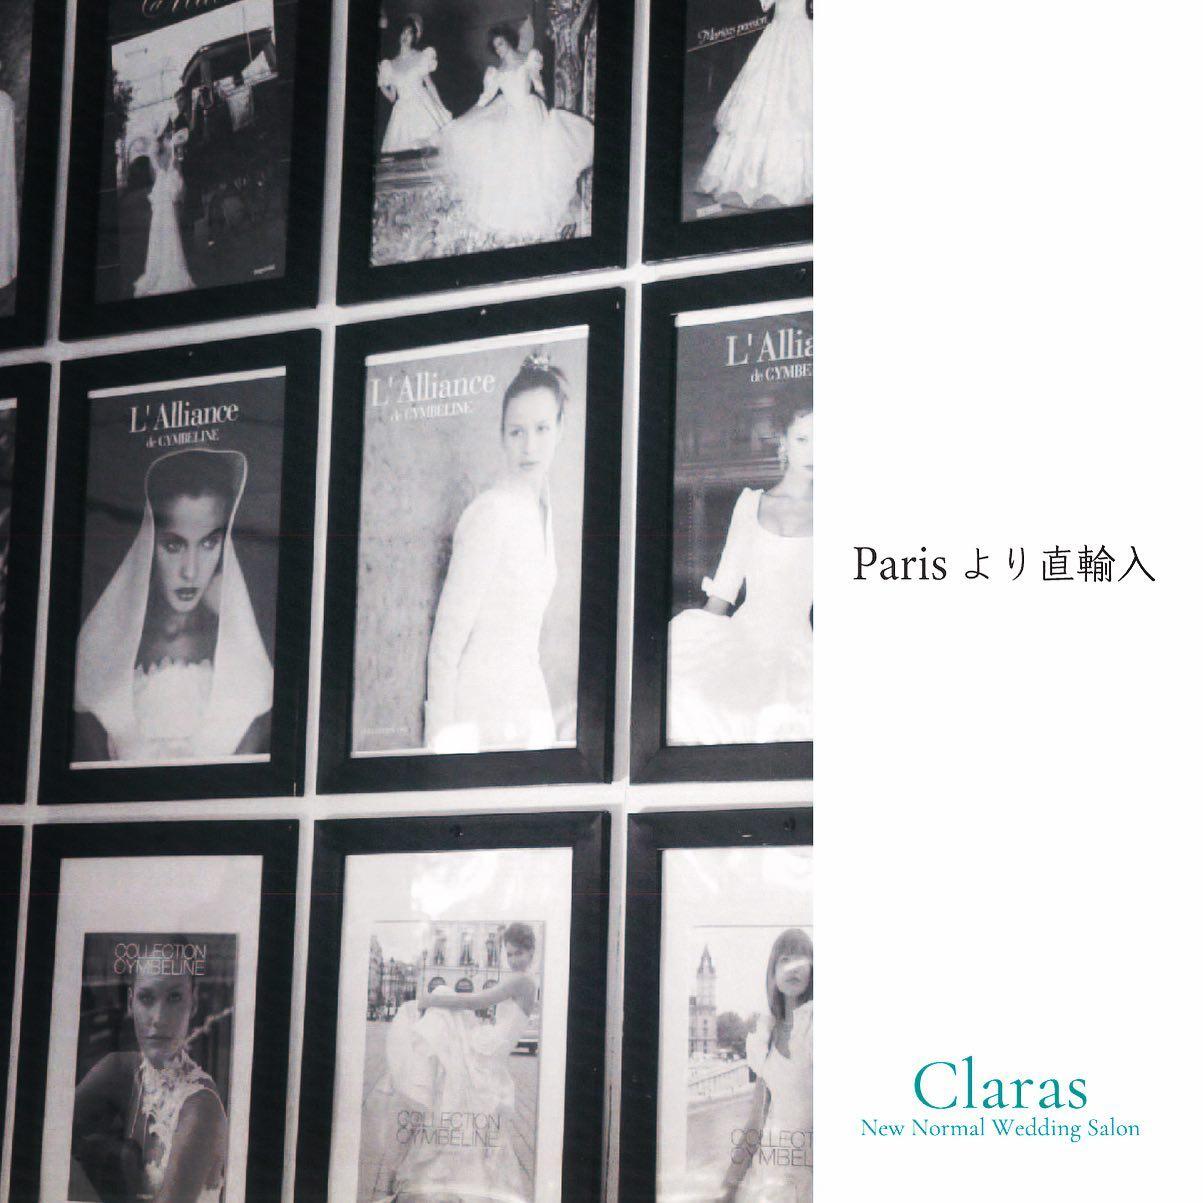 """🕊Parisより直輸入の強み🕊・インポートドレスを適正価格でお届けするのがClaras・レンタルでは叶わない繊細で上質な素材も、ジャストサイズだから再現できるデザイン美も・Parisに関連会社があるからこそ直輸入での適正価格が叶う・Clarasは1組ずつ貸切でご案内寛ぎながら本当にその方に合った1着へと導きます自分だけのための1着を選びに来てください🤍結婚式やフォトなど迷ってる方でもまずはClarasへ🕊・長年様々なウエディングに携わってきたClarasスタッフより、細かなカウンセリングを行い的確ななご提案をさせていただきますご予約はDMからでも承れます・New Normal Wedding Salon""""Claras""""https://claras.jp/・about """"Claras""""…(ラテン語で、明るい·輝く)As(明日· 未来, フランス語て最高、一番) ・明るく輝く明日(未来) に貢献したいという想いを込めています🕊Fashionの都Parisをはじめ、欧米から選りすぐりのドレスをこれから出逢う花嫁のために取揃えました・2021.3.7 (Sun)NEW OPEN・Dressから始まるWedding Story""""憧れていた Dress選びから始まる結婚準備があったっていい""""・さまざまな新しい「価値」を創造し発信していきますこれからの新しい Wedding の常識を""""Claras """"から🕊・New Normal Wedding Salon【Claras】〒107-0061 東京都港区北青山2-9-14SISTER Bldg 1F(101) 東京メトロ銀座線 外苑前駅3番出ロより徒歩2分Tel:03 6910 5163HP: https://claras.jp営業時間:平日 12:00-18:00 土日祝11:00-18:00(定休日:月・火)・#wedding #weddingdress #instagood #instalike #claras #paris #vowrenewal#ウェディングドレス #プレ花嫁 #ドレス試着 #ドレス迷子 #2021夏婚 #2021冬婚 #ヘアメイク #結婚式  #ドレス選び #前撮り #インポートドレス #フォトウェディング #ウェディングヘア  #フォト婚 #ニューノーマル #ブライダルフォト #カップルフォト #ウェディングドレス探し #ウェディングドレス試着 #セルドレス #ドレスショップ #オリジナルウエディング #運命のドレス"""